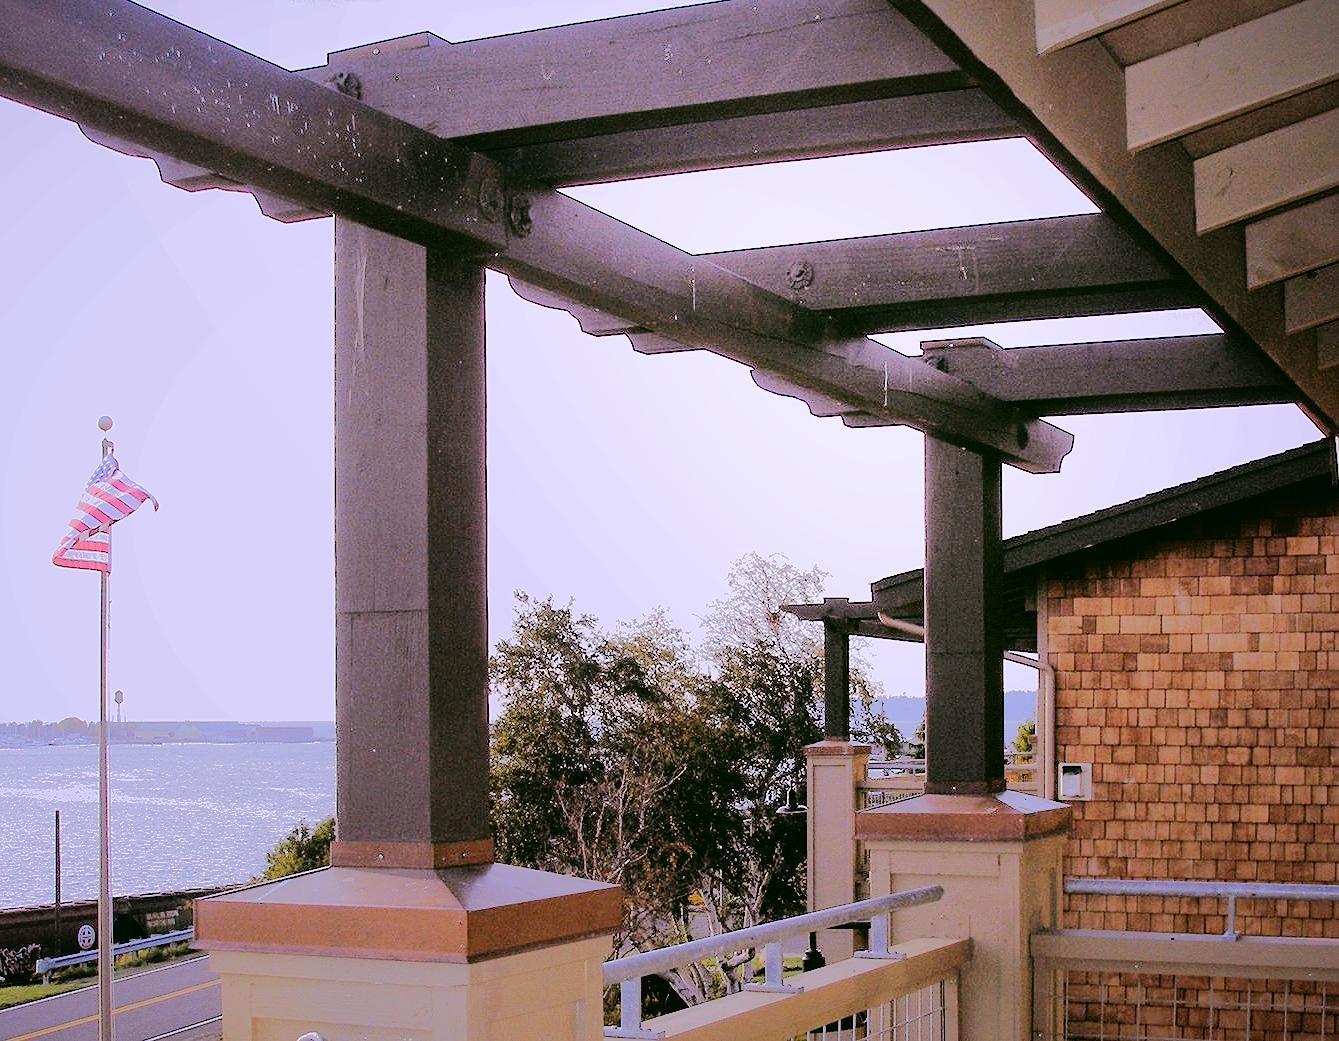 ss flr3 balcony4.JPG